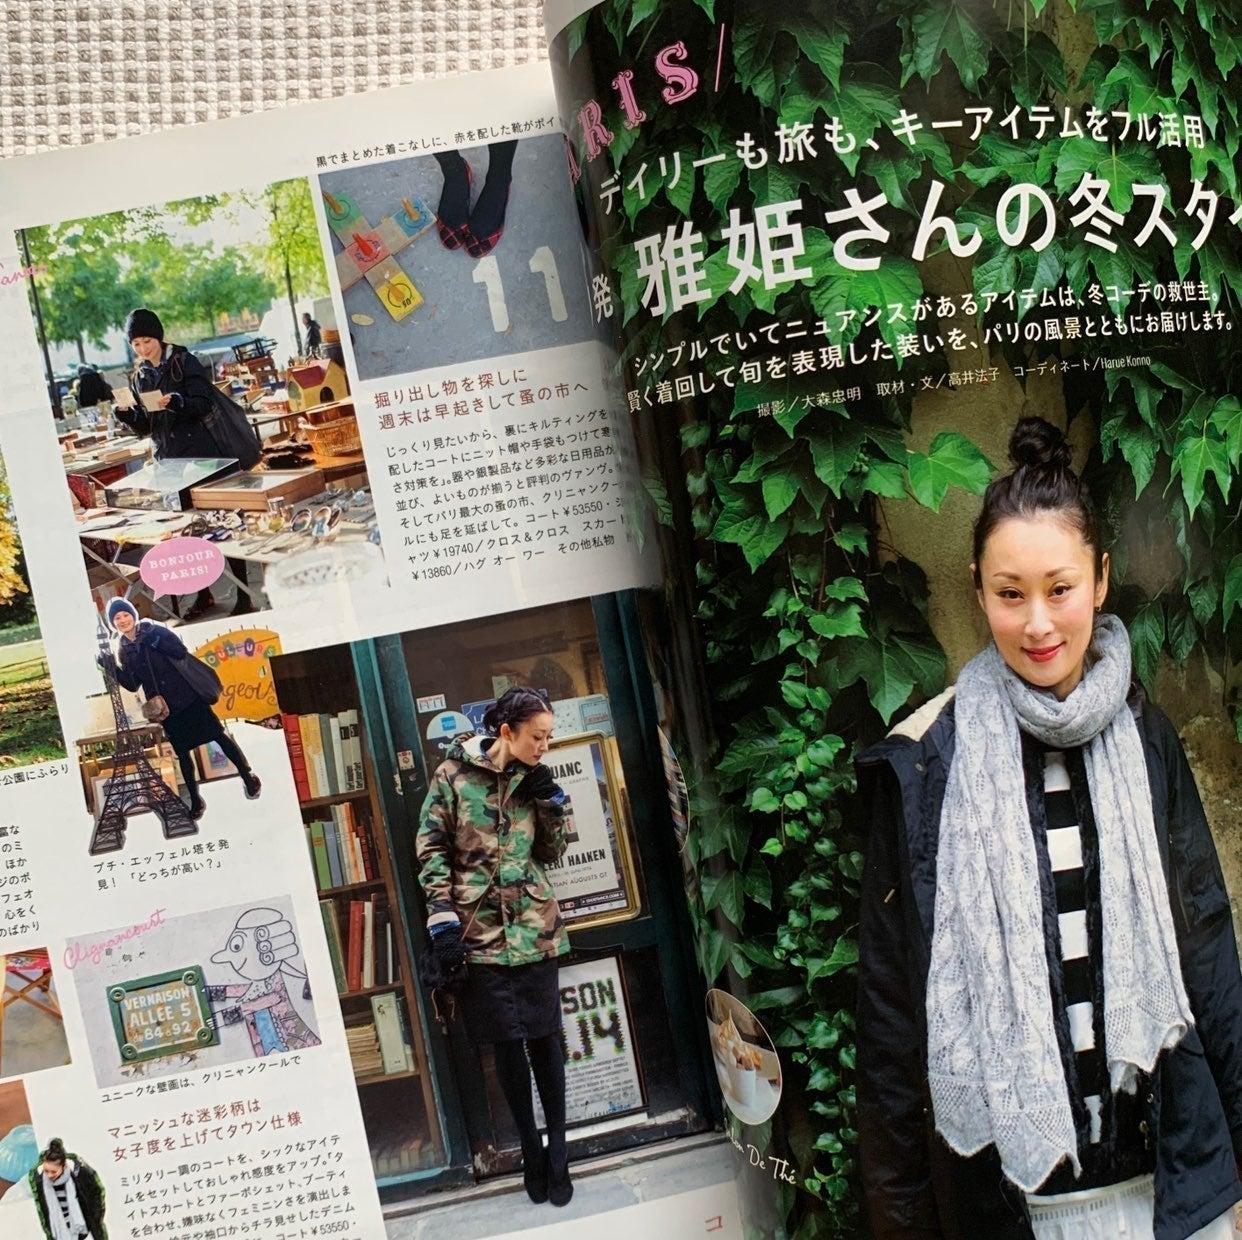 Japanese magazine LEE